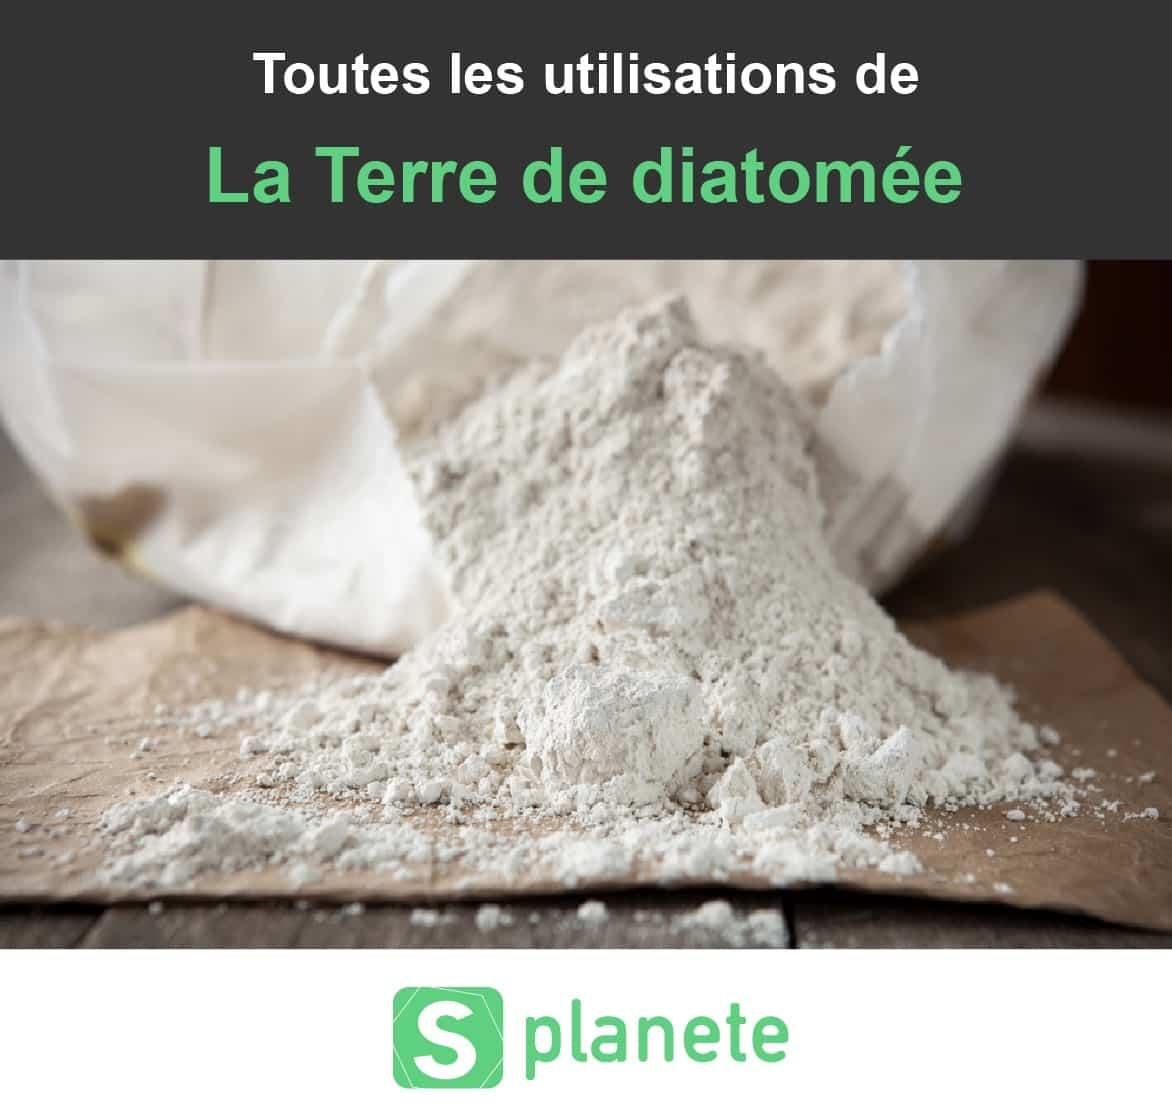 Utilisation de a Terre de Diatomée